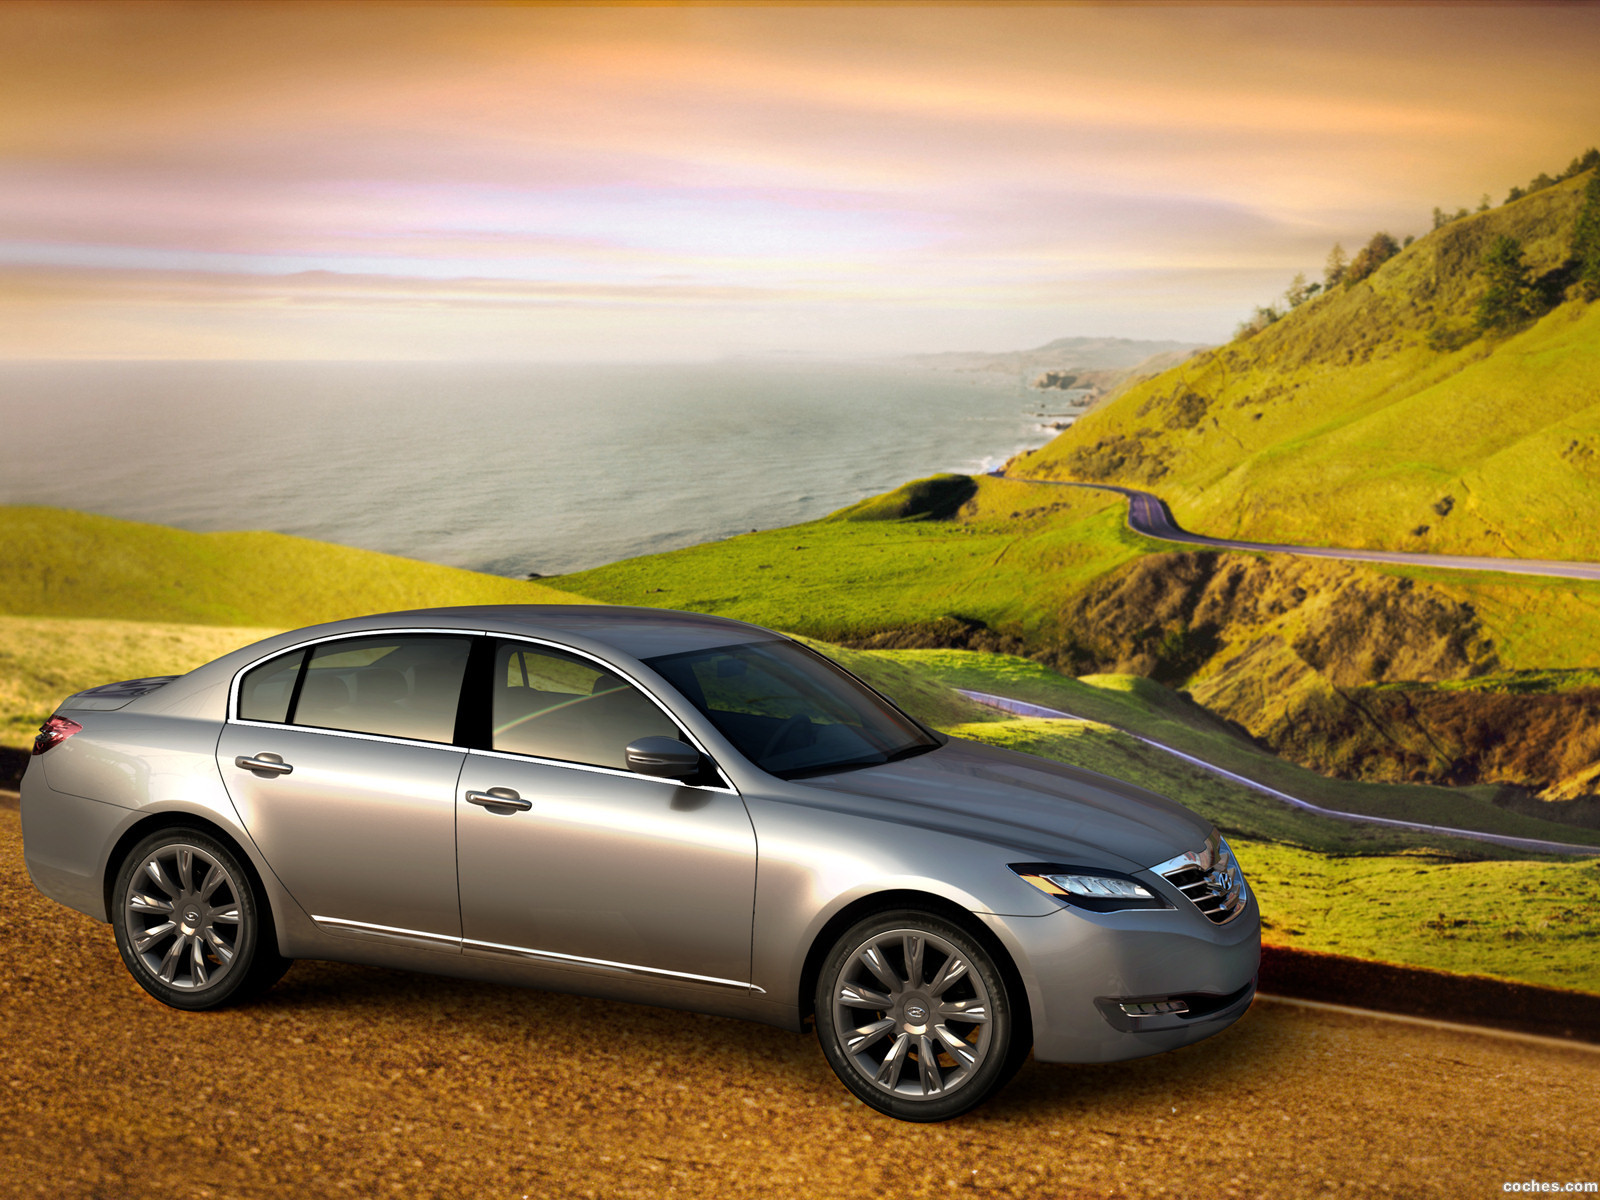 Foto 8 de Hyundai Genesis Concept 2007